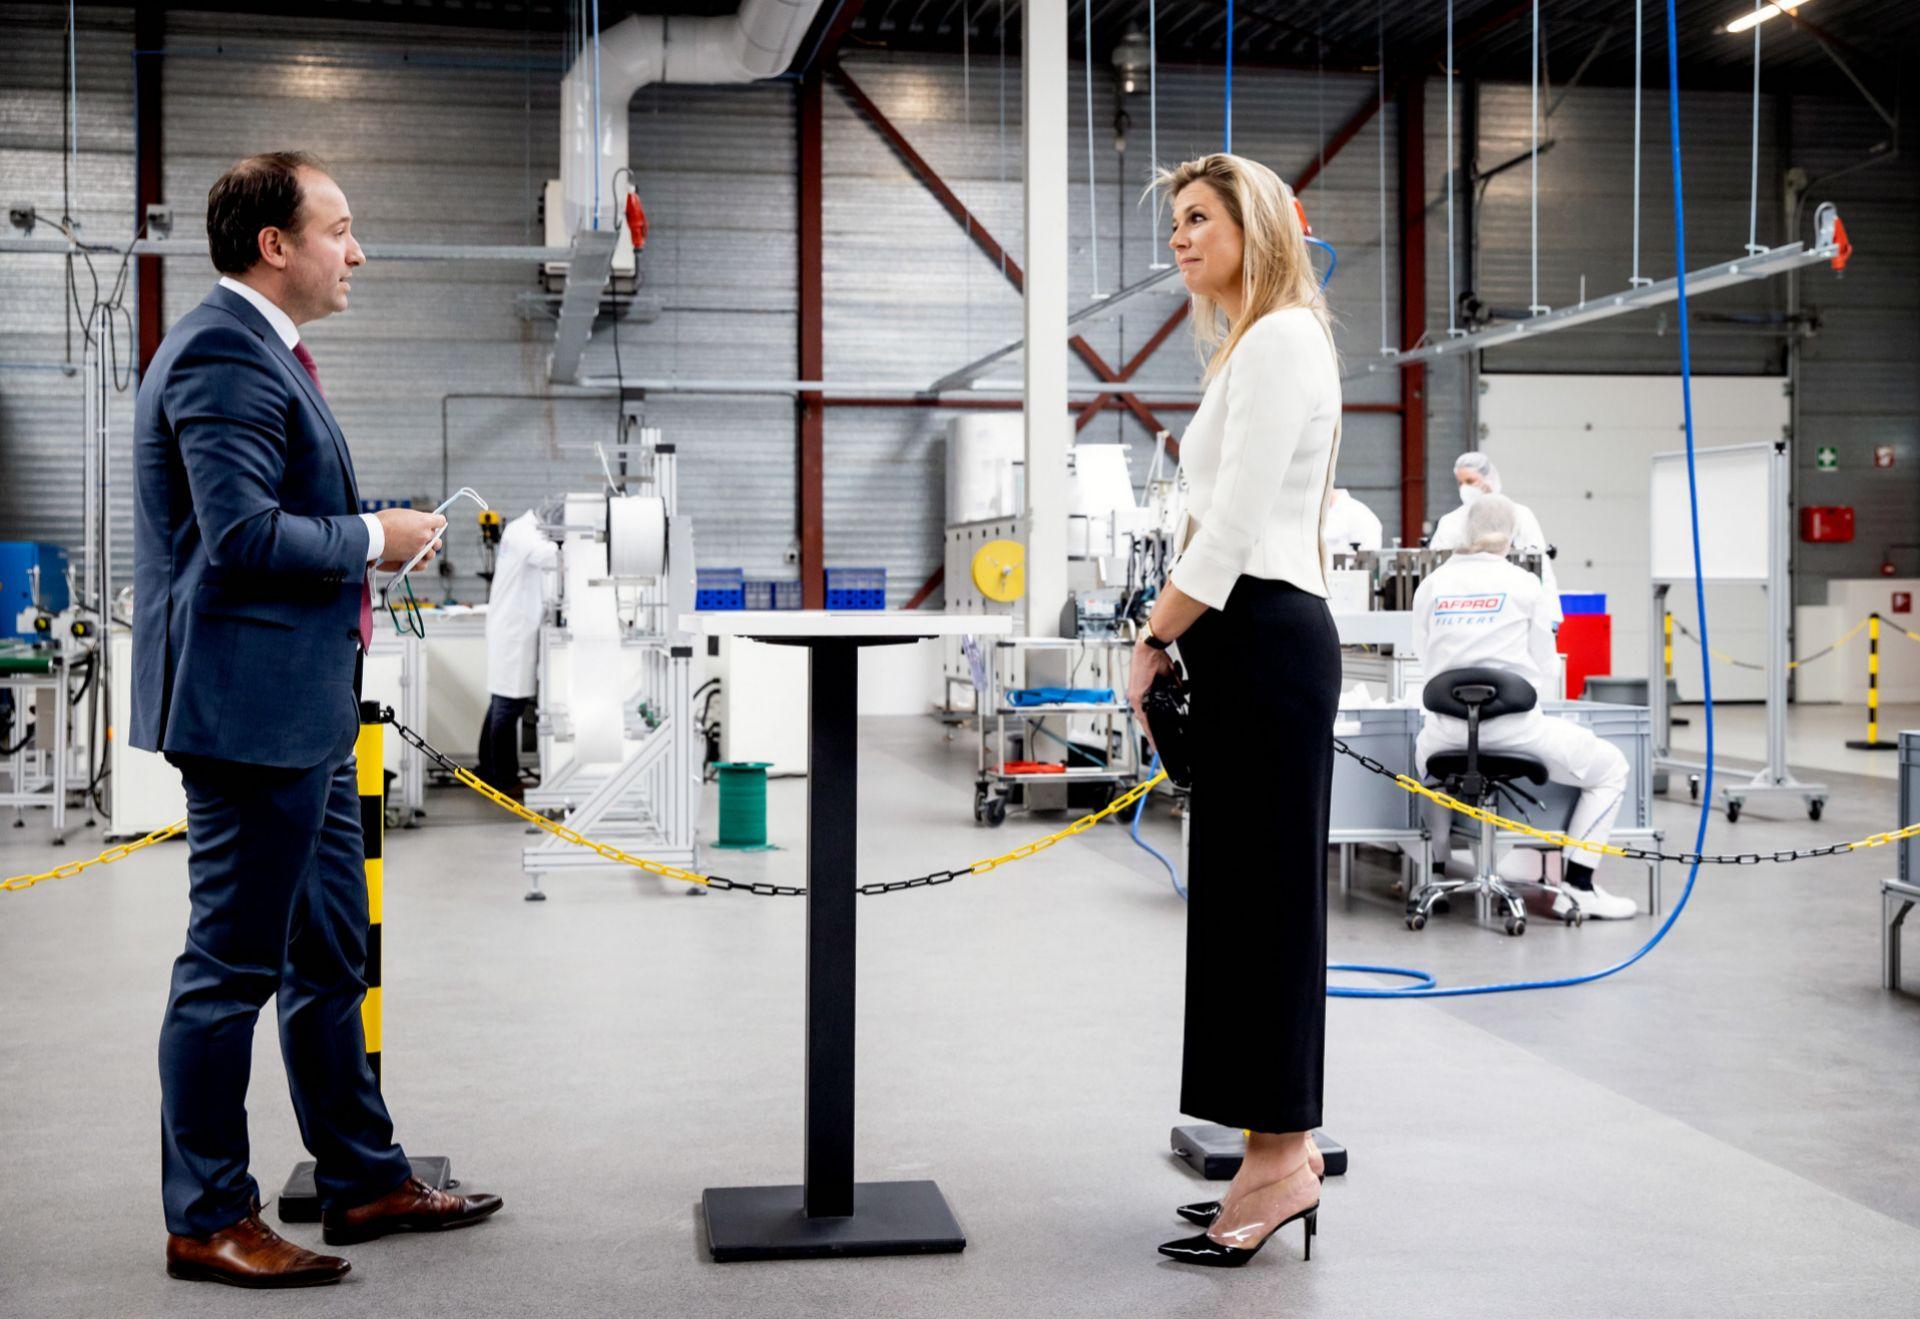 La reina Máxima de Holanda en la fábrica de mascarillas de Alkmaar.